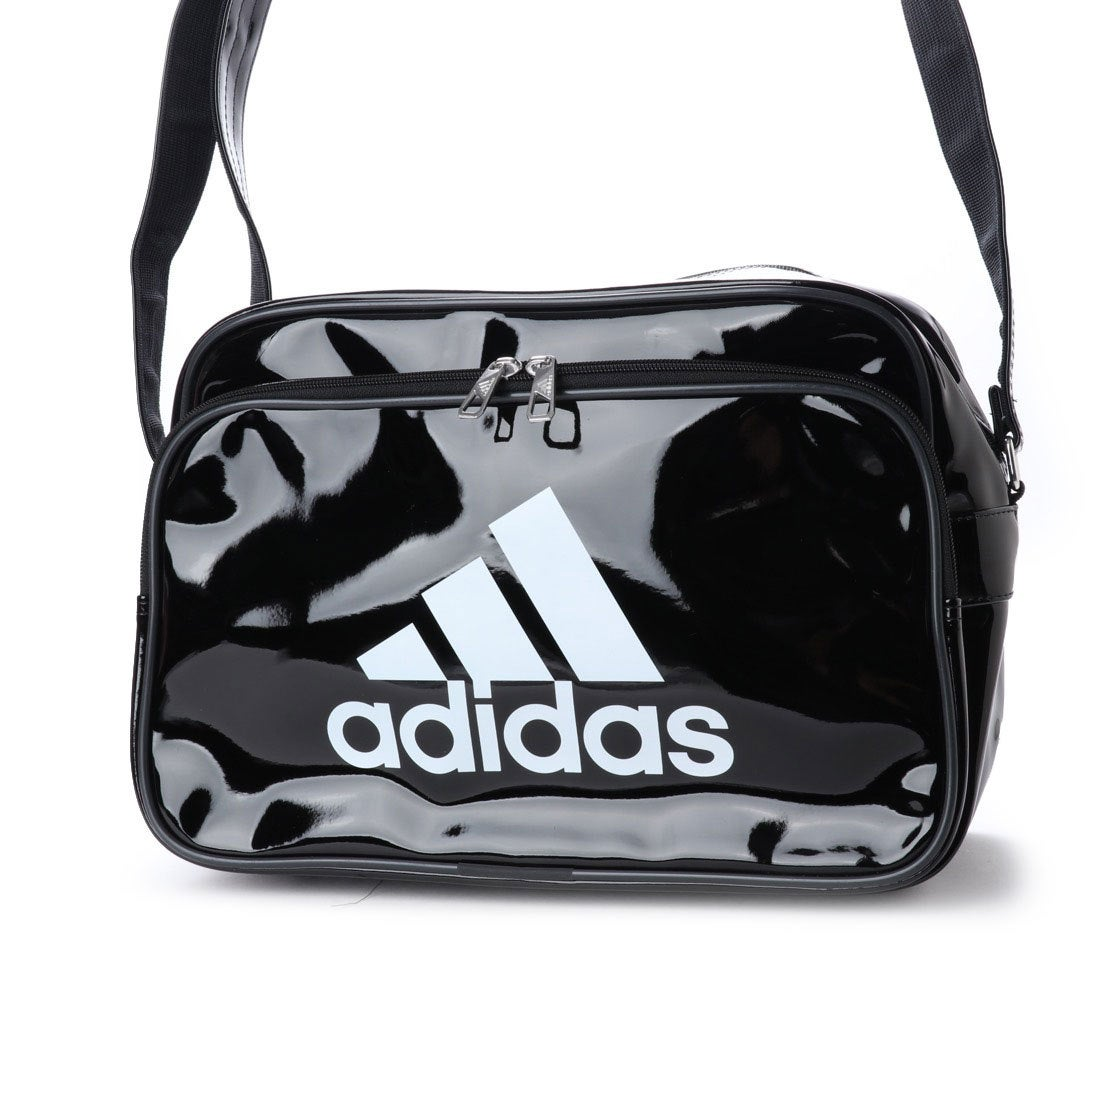 アディダス adidas エナメルバッグS CX4046 573 レディース メンズ